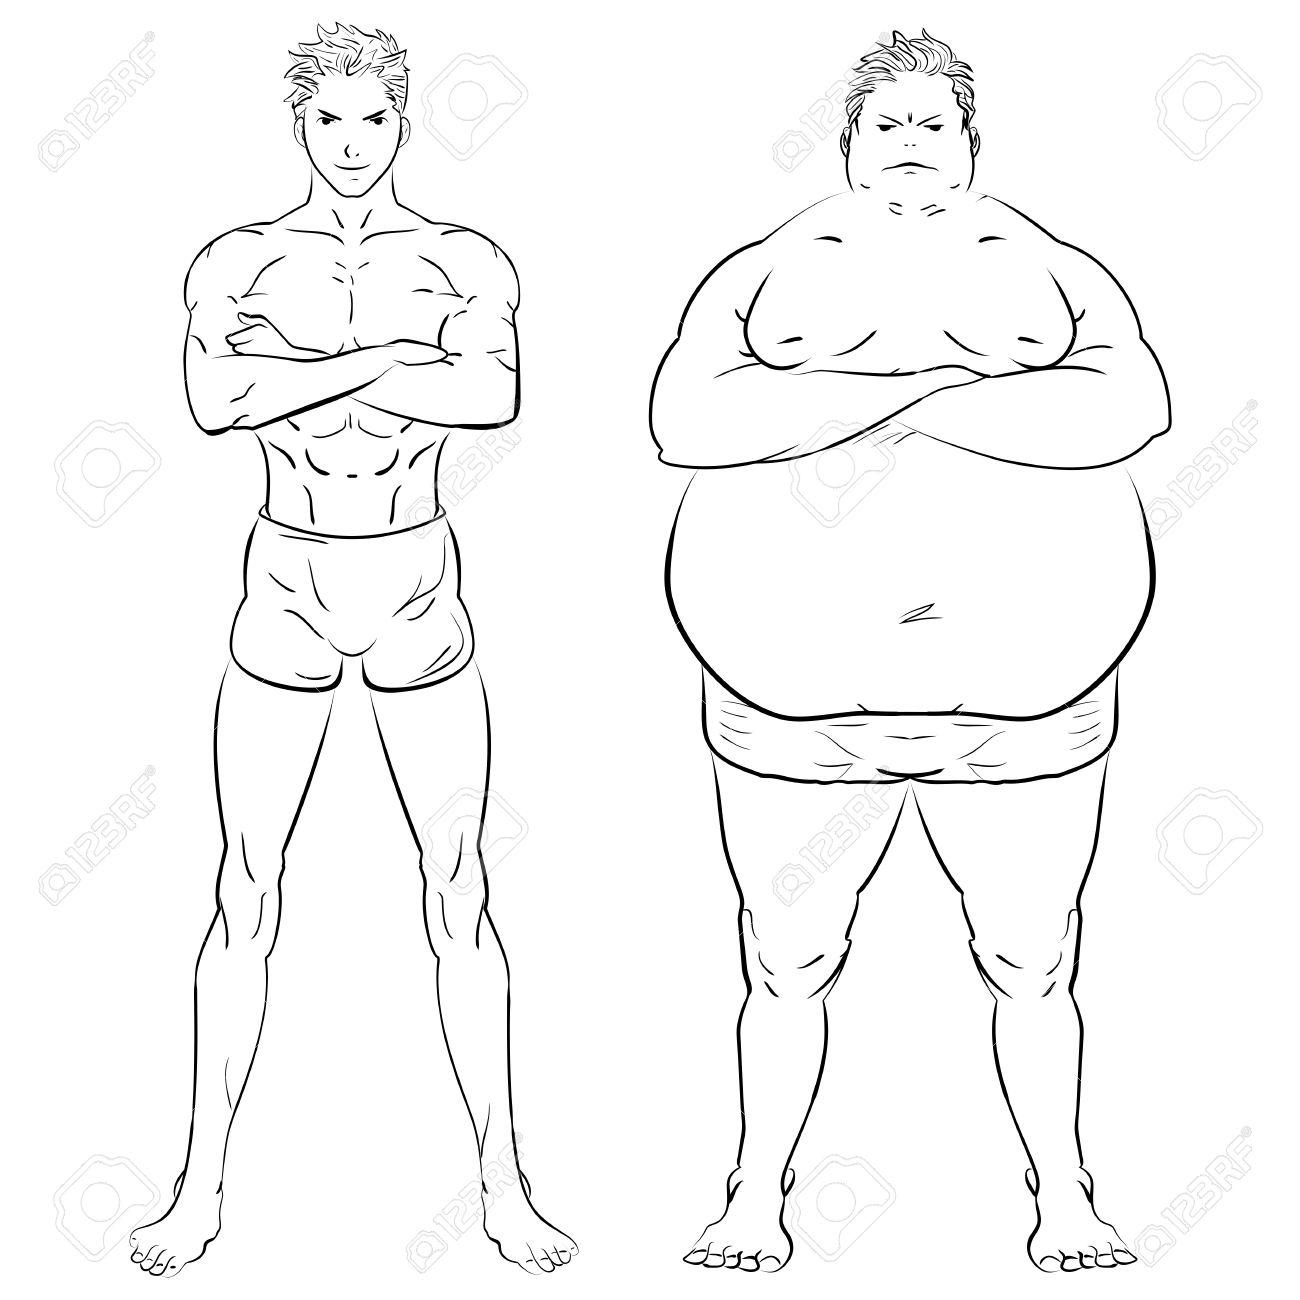 Dos Hombres Diferentes Gordo Flaco Y Musculoso Gimnasio De Entrenamiento De Pérdida De Peso Dibujado A Mano Ilustración Del Doodle